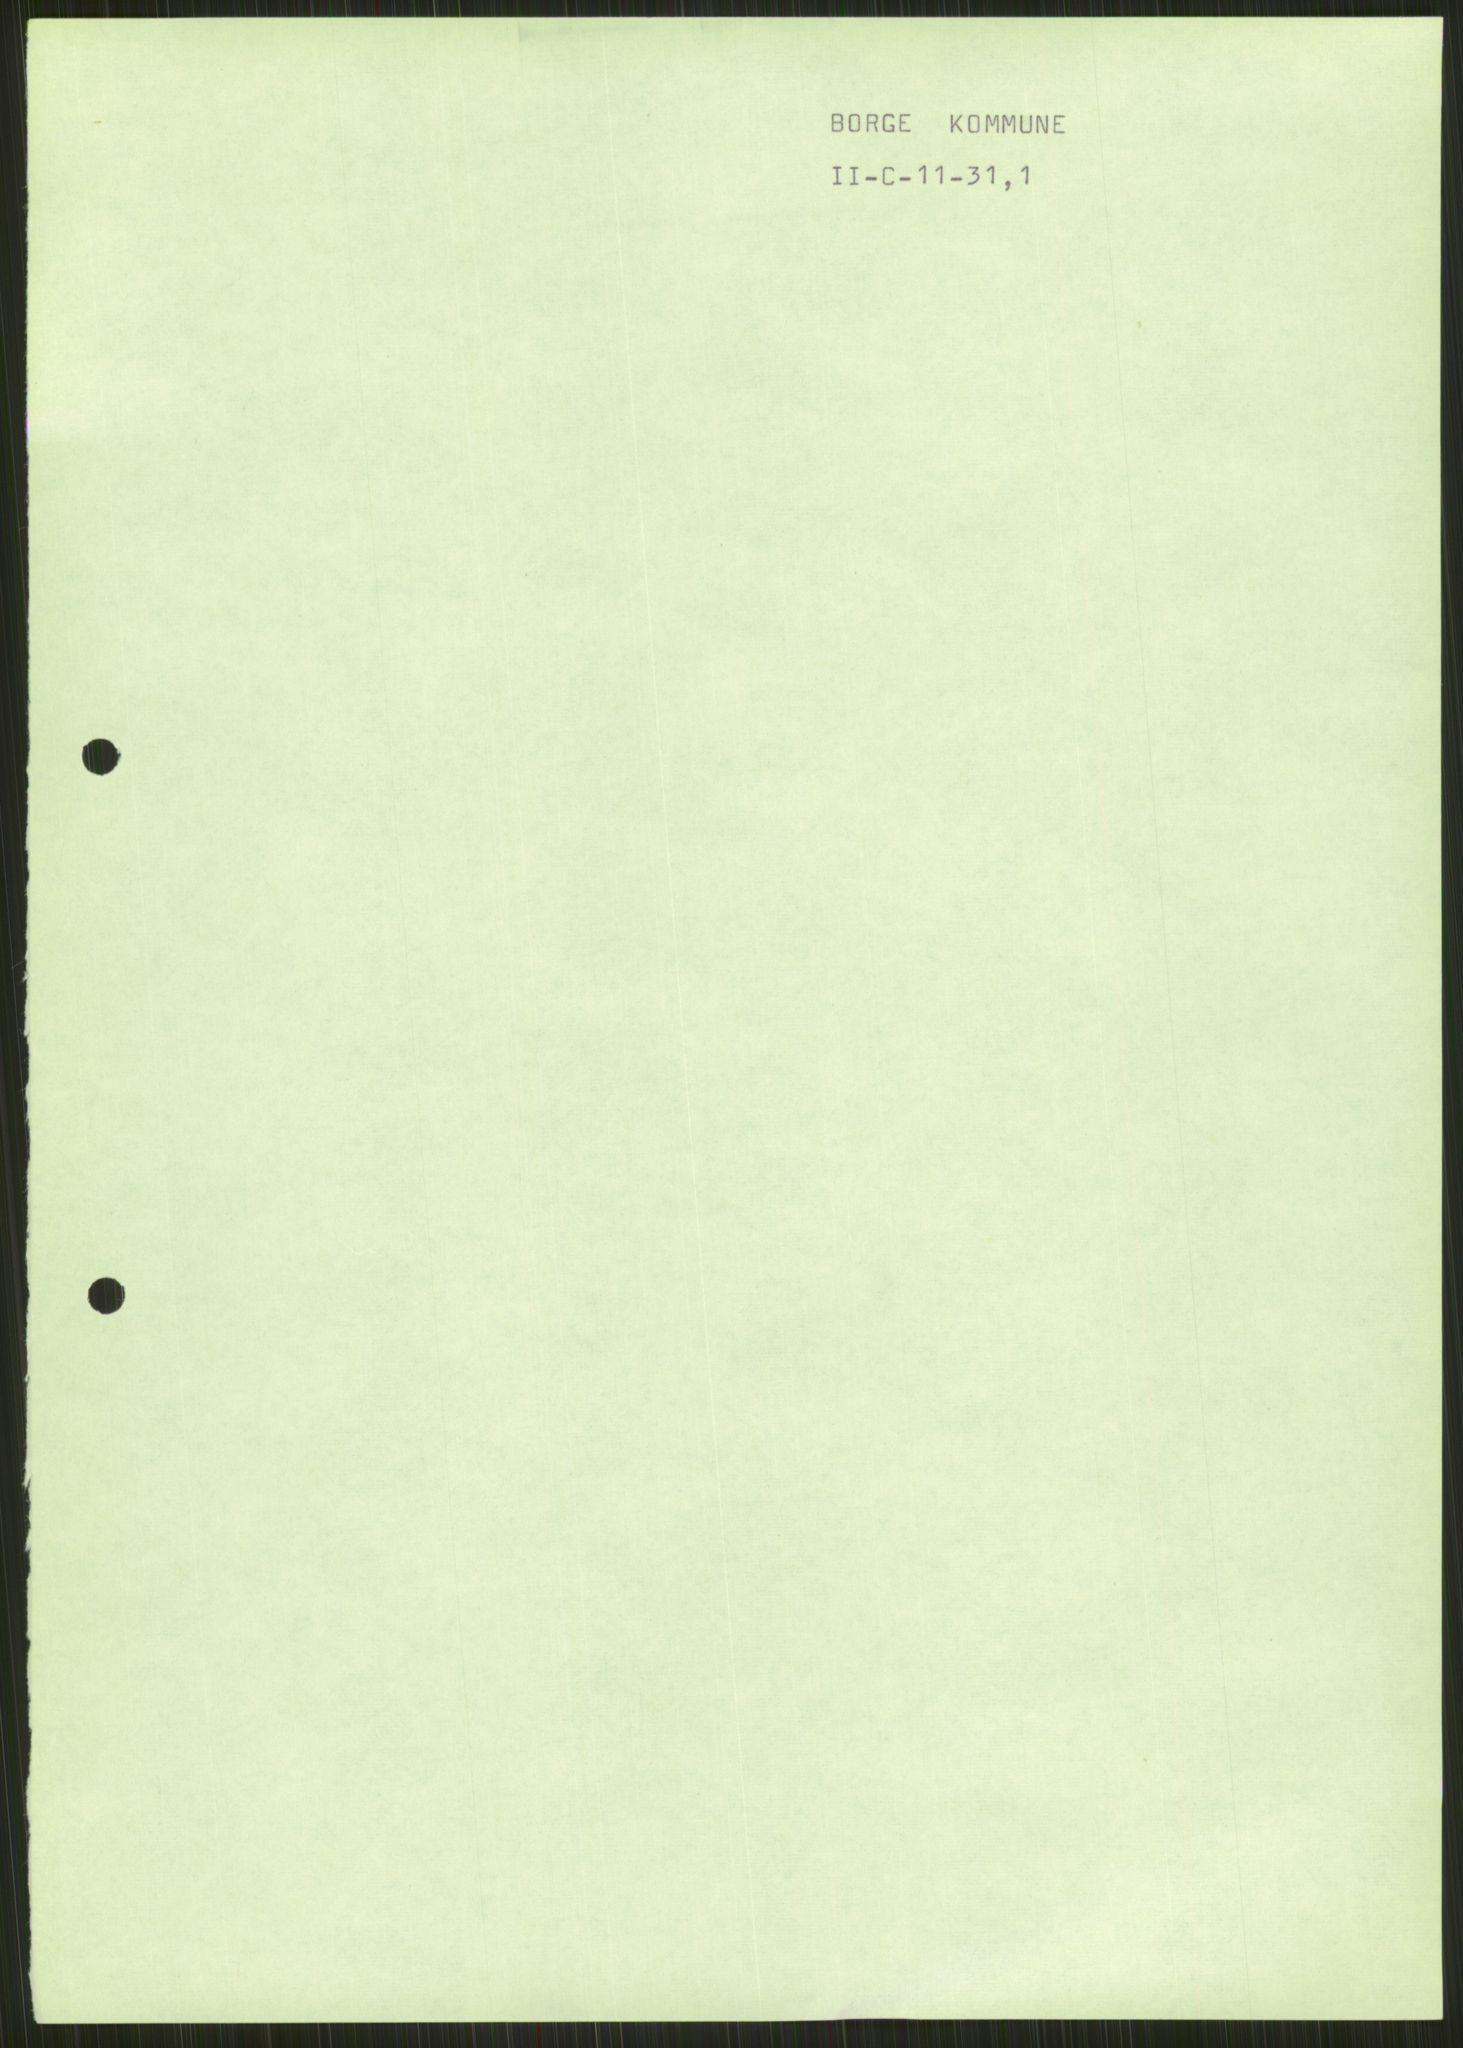 RA, Forsvaret, Forsvarets krigshistoriske avdeling, Y/Ya/L0013: II-C-11-31 - Fylkesmenn.  Rapporter om krigsbegivenhetene 1940., 1940, s. 41